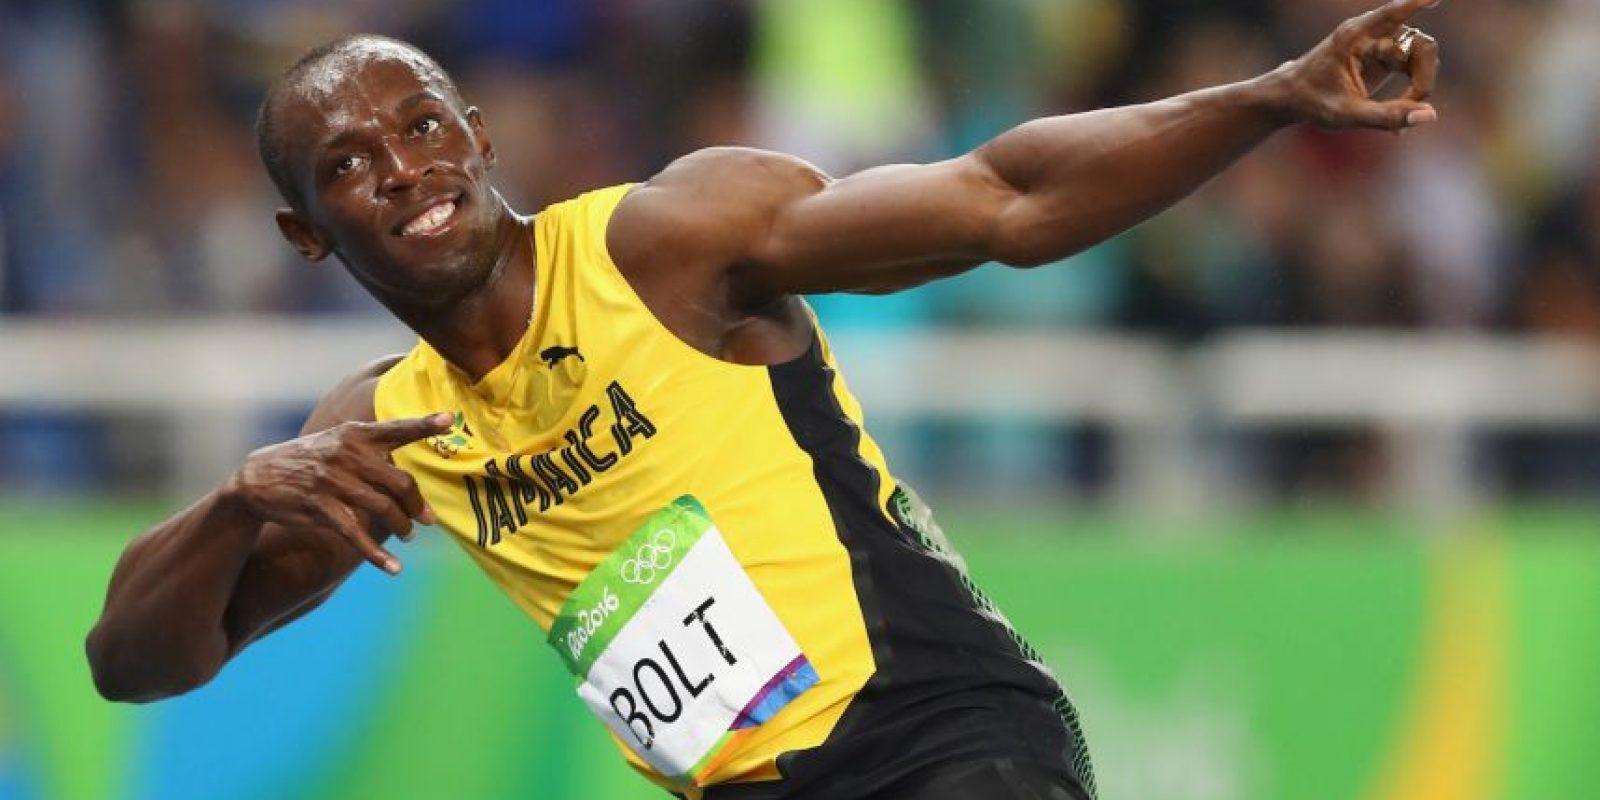 Usain Bolt busca la novena medalla de oro en Río 2016 Foto:Getty Images